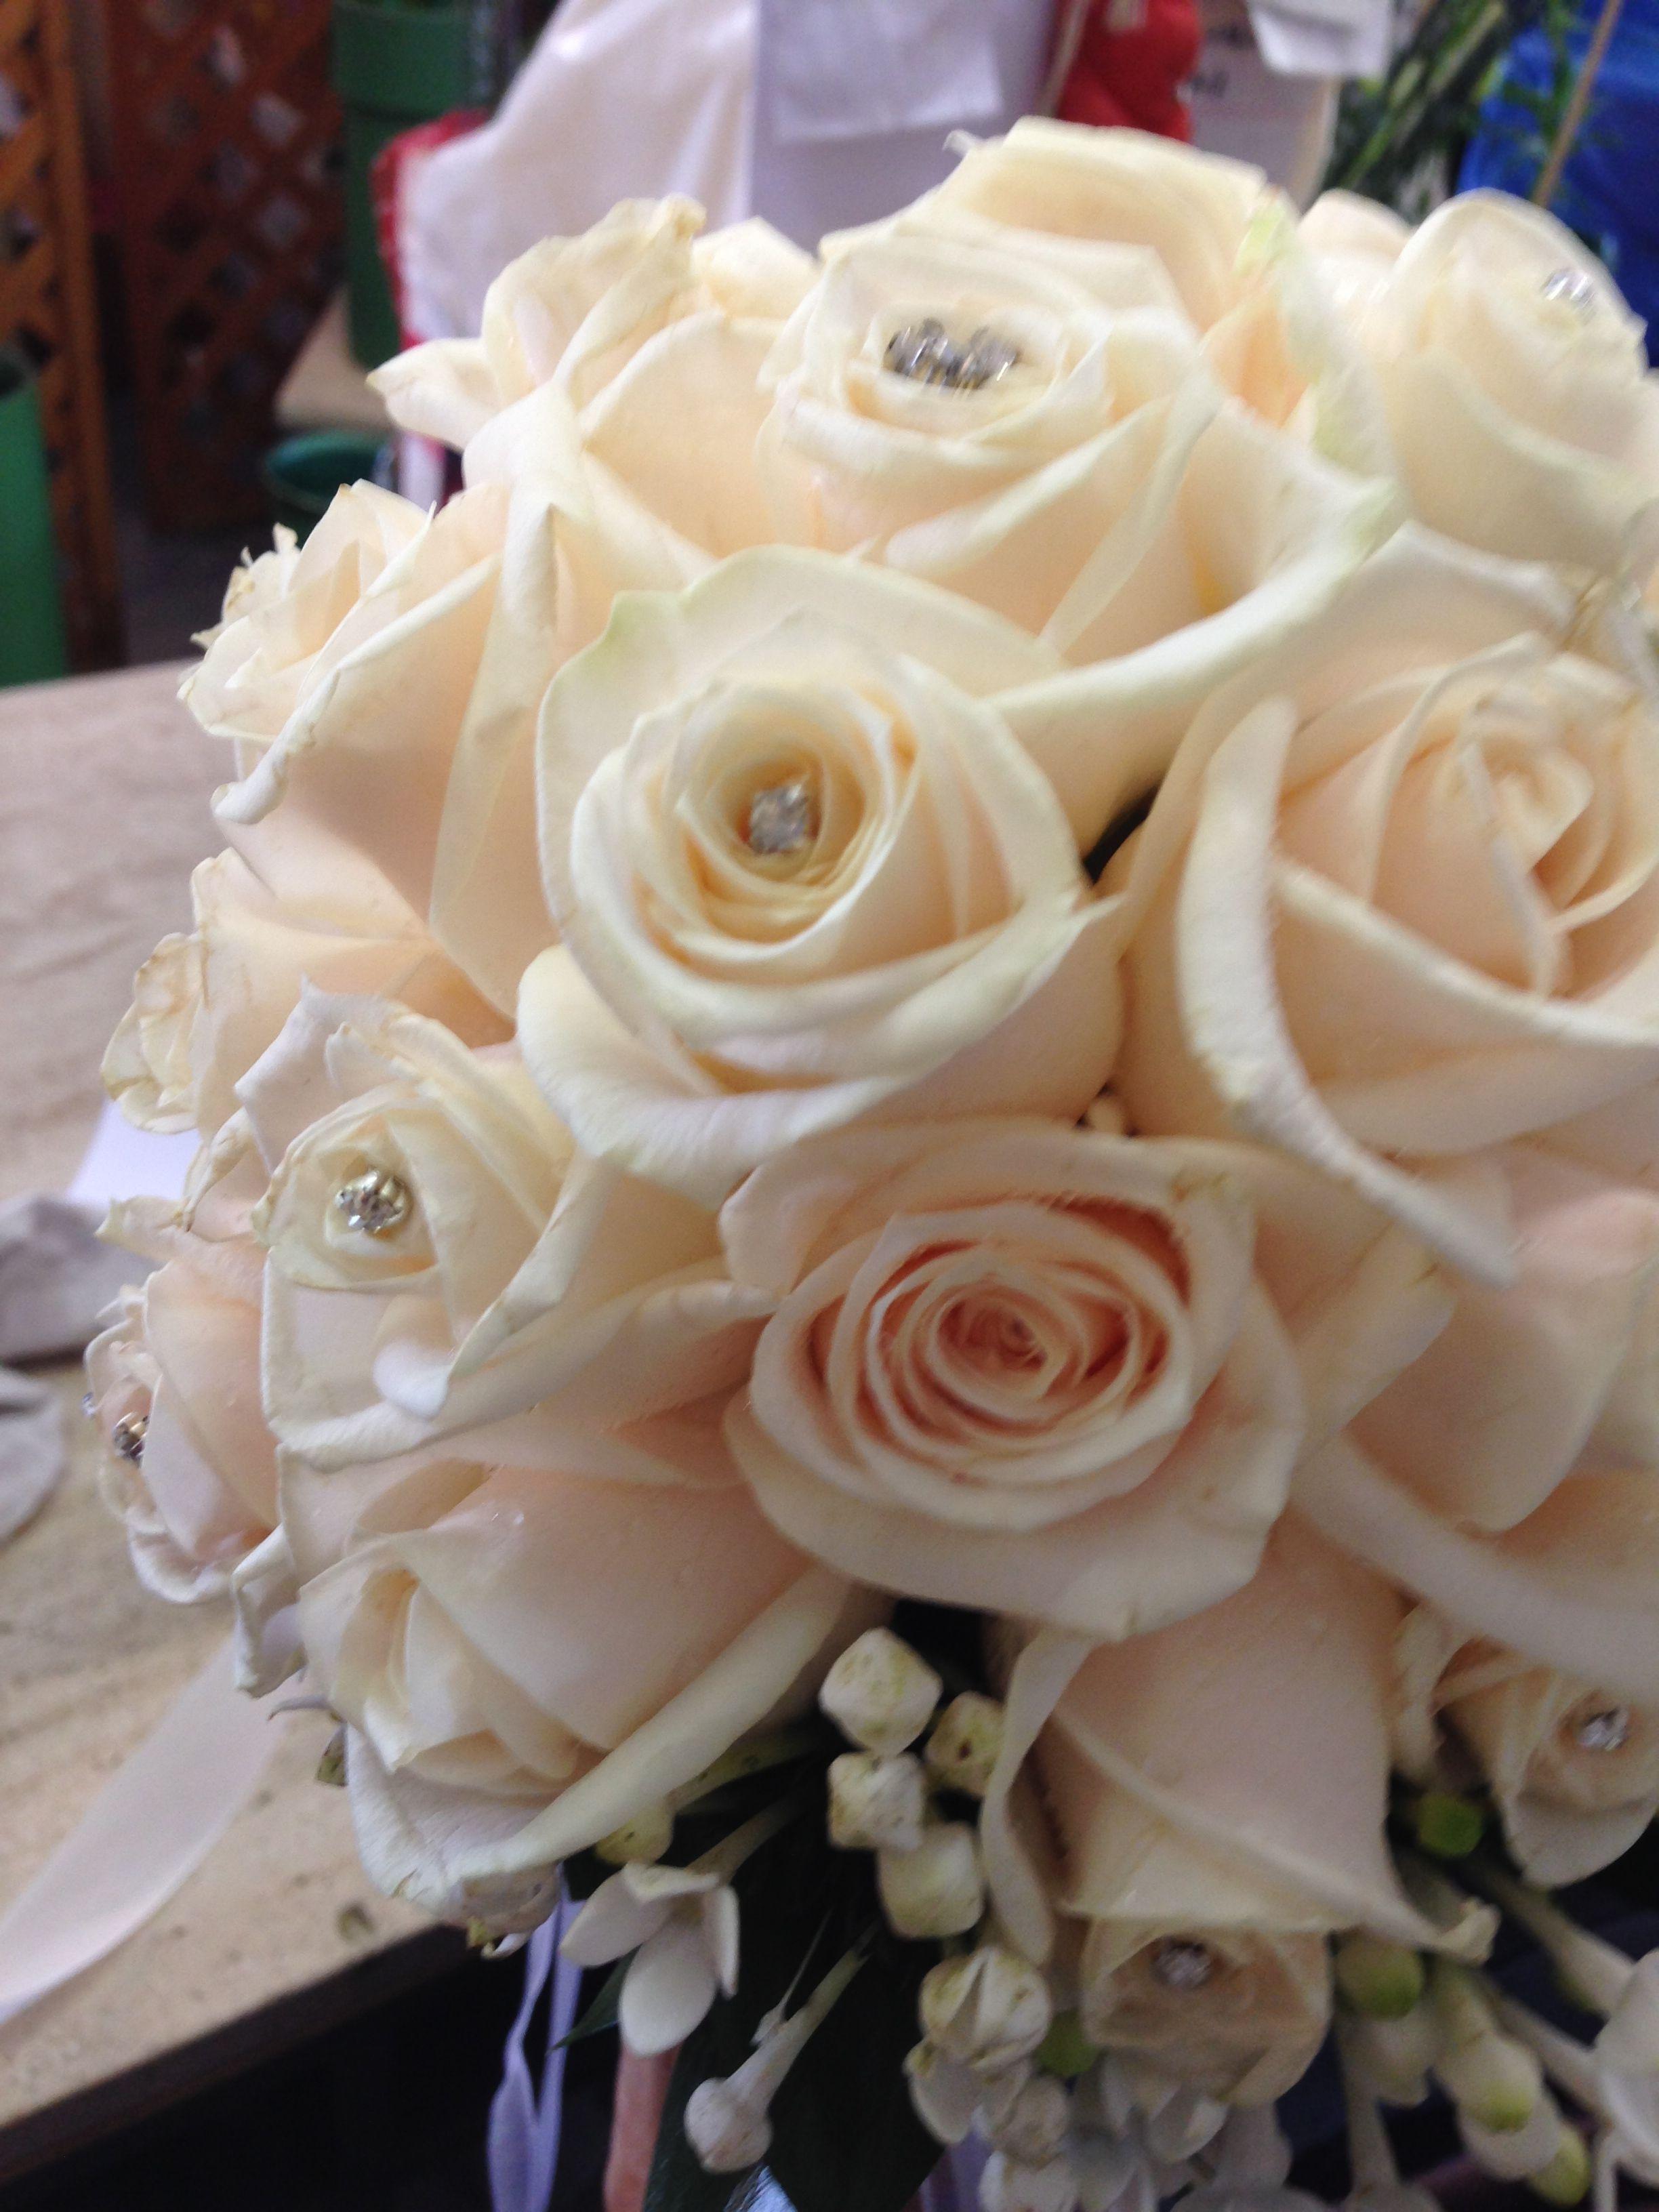 Matrimonio Girasoli E Rose Bianche : Matrimonio con rose bianche fiori wedding